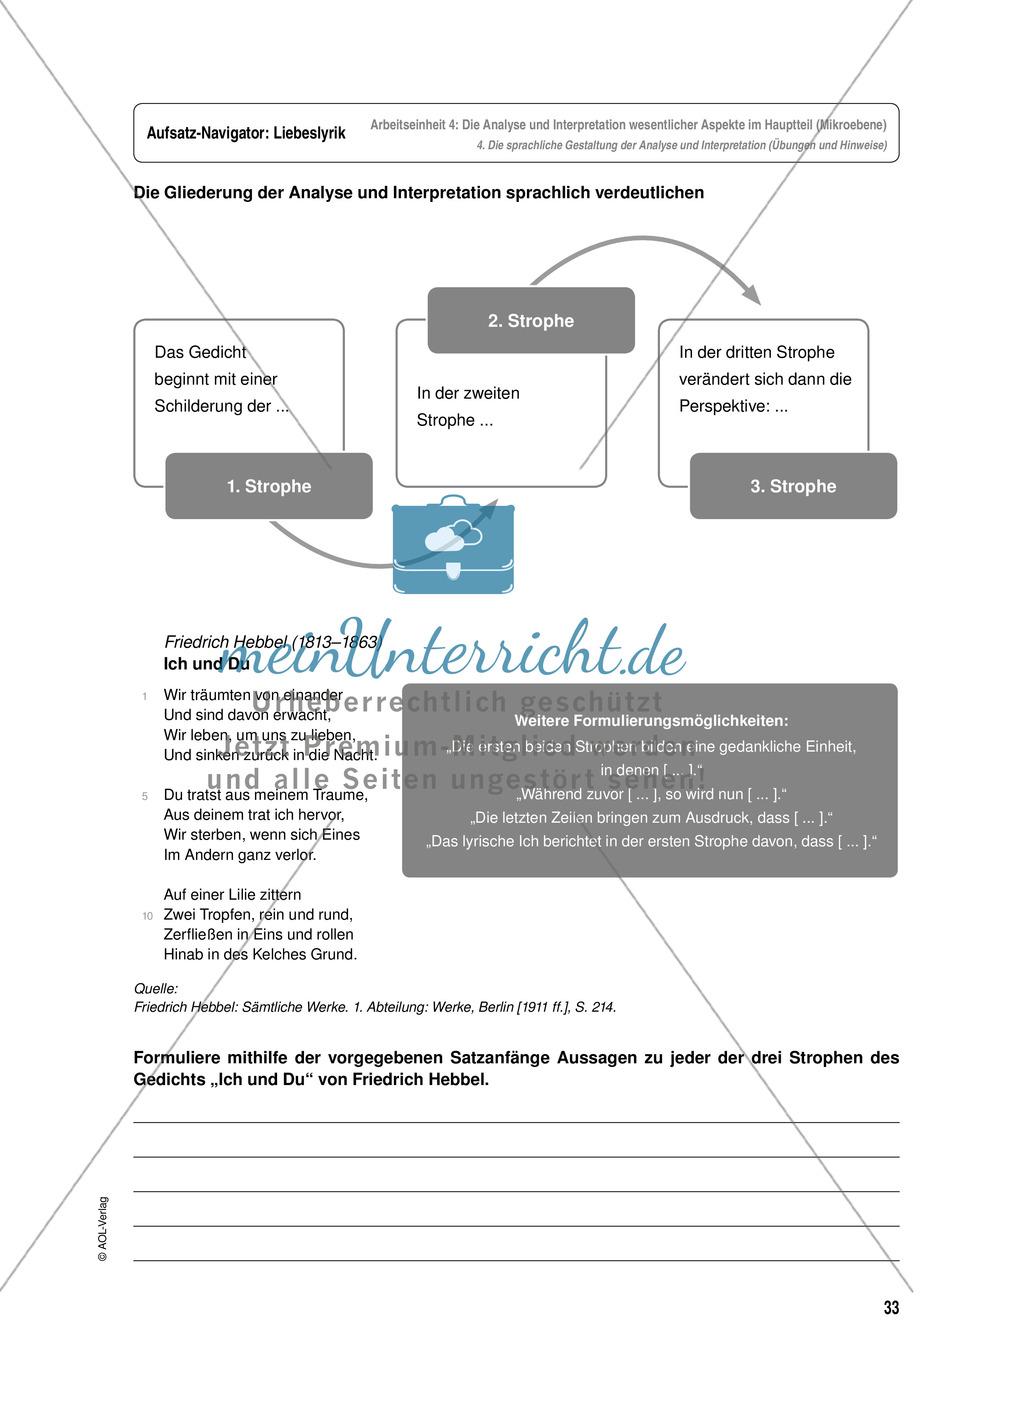 Arbeitseinheit zur Gestaltung einer Analyse / Interpretation von Liebeslyrik - Die Analyse und Interpretation wesentlicher Aspekte im Hauptteil (Mikroebene) Preview 10